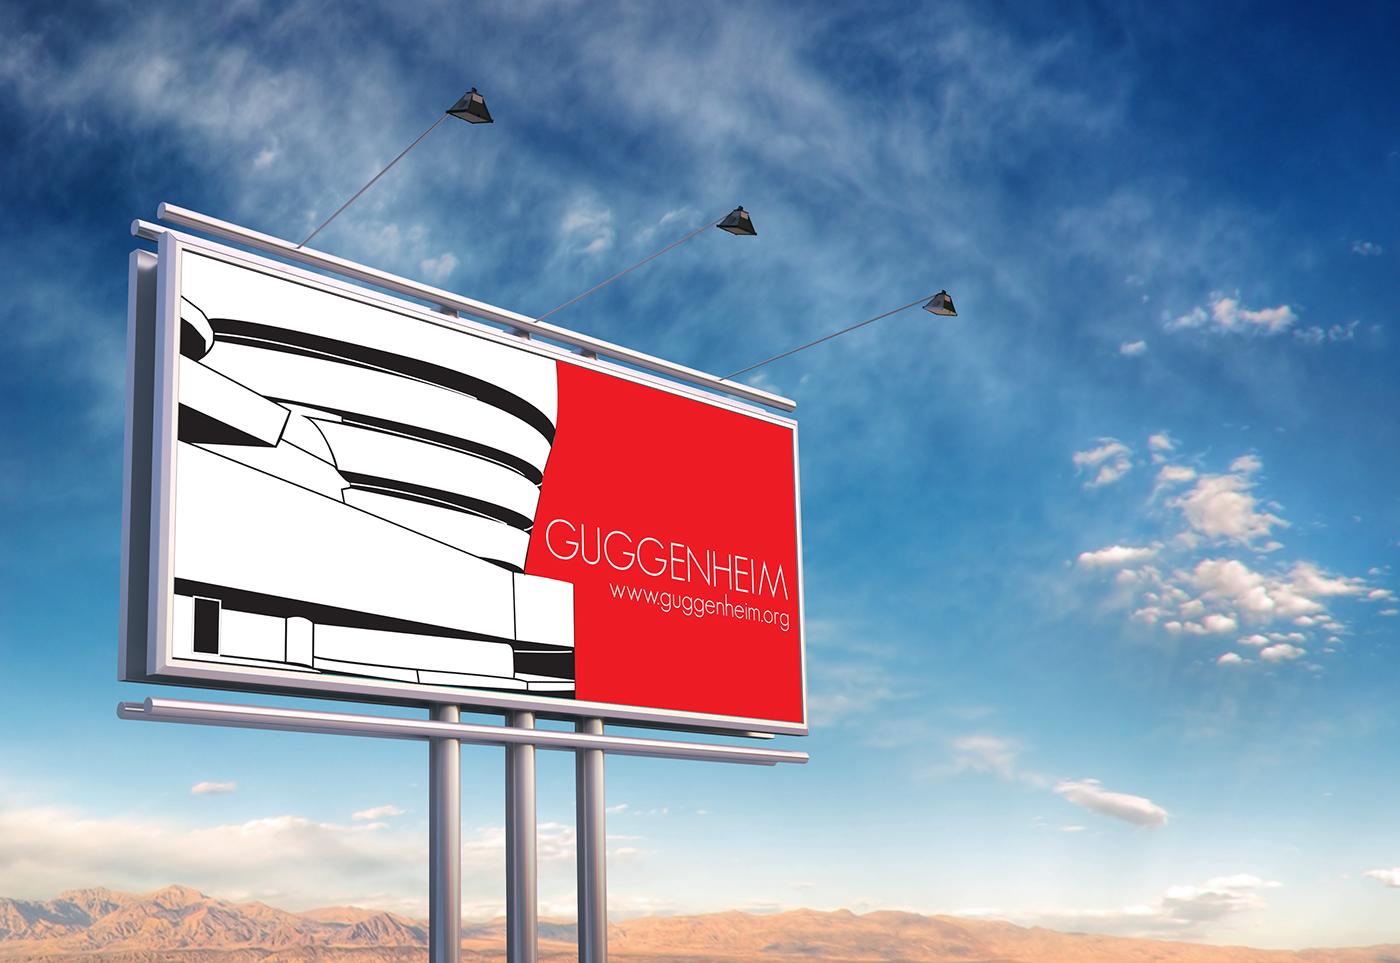 Билборды - что это такое? изготовление билбордов, их размеры